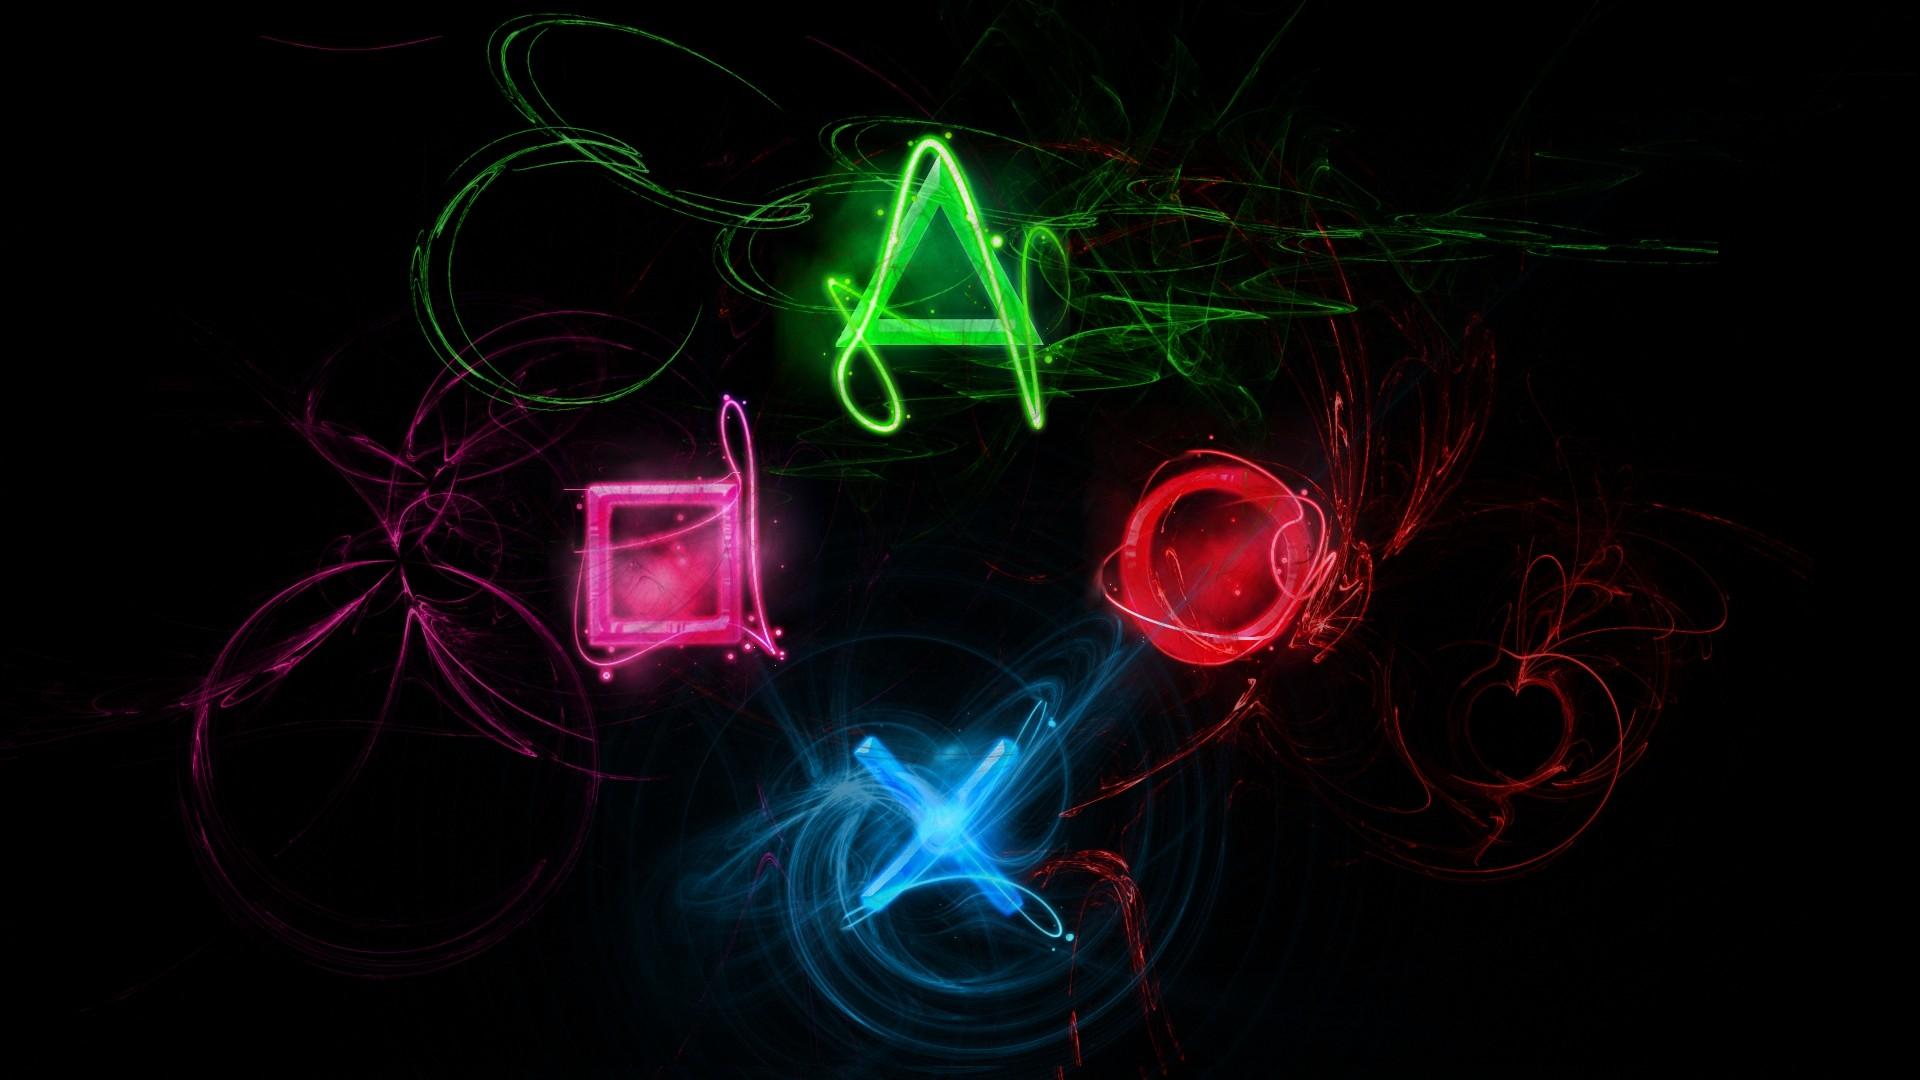 図 ビデオゲーム ネオン ソニー サークル プレイステーション 光 形状 ライン 火炎 闇 数 スクリーンショット コンピュータ